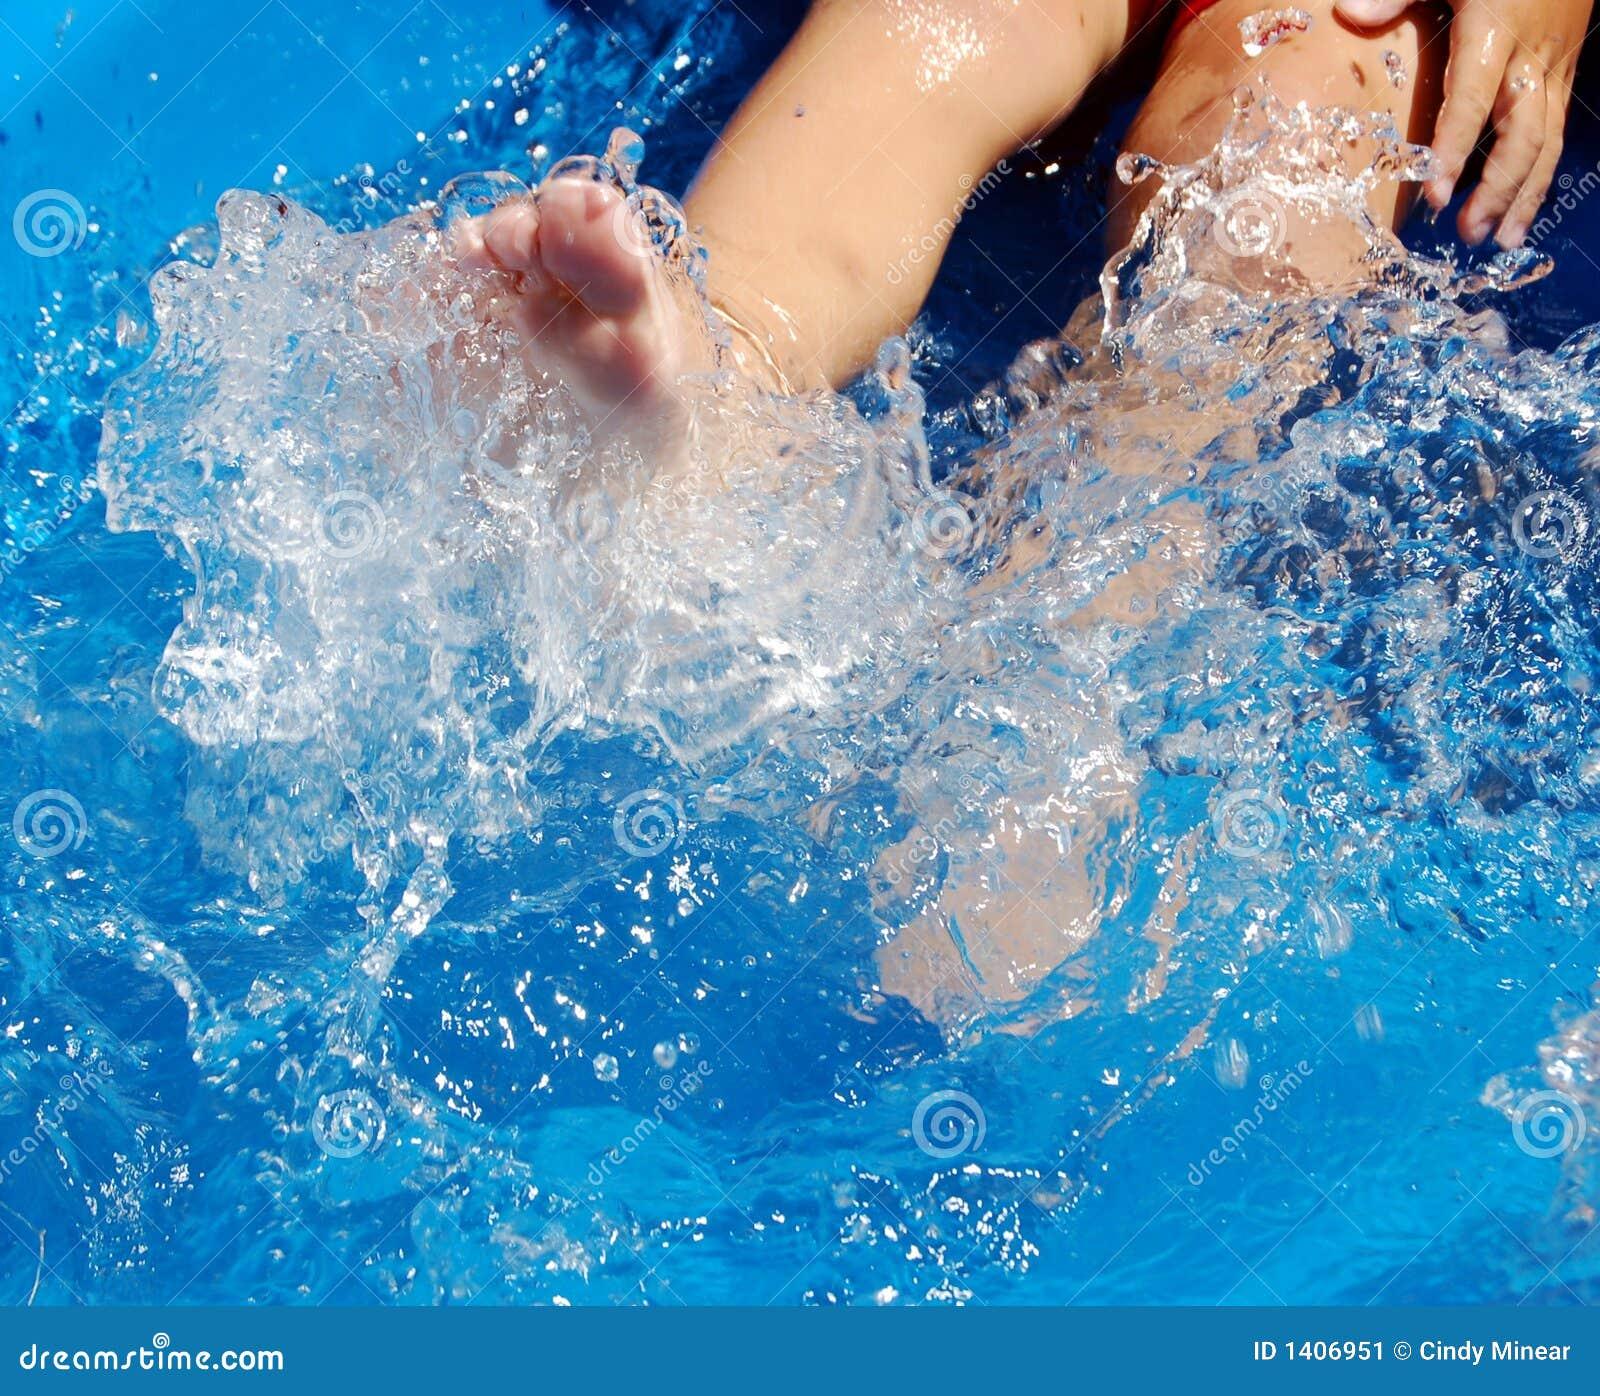 Pool Water Splash child splashing water feet pool stock photos, images, & pictures